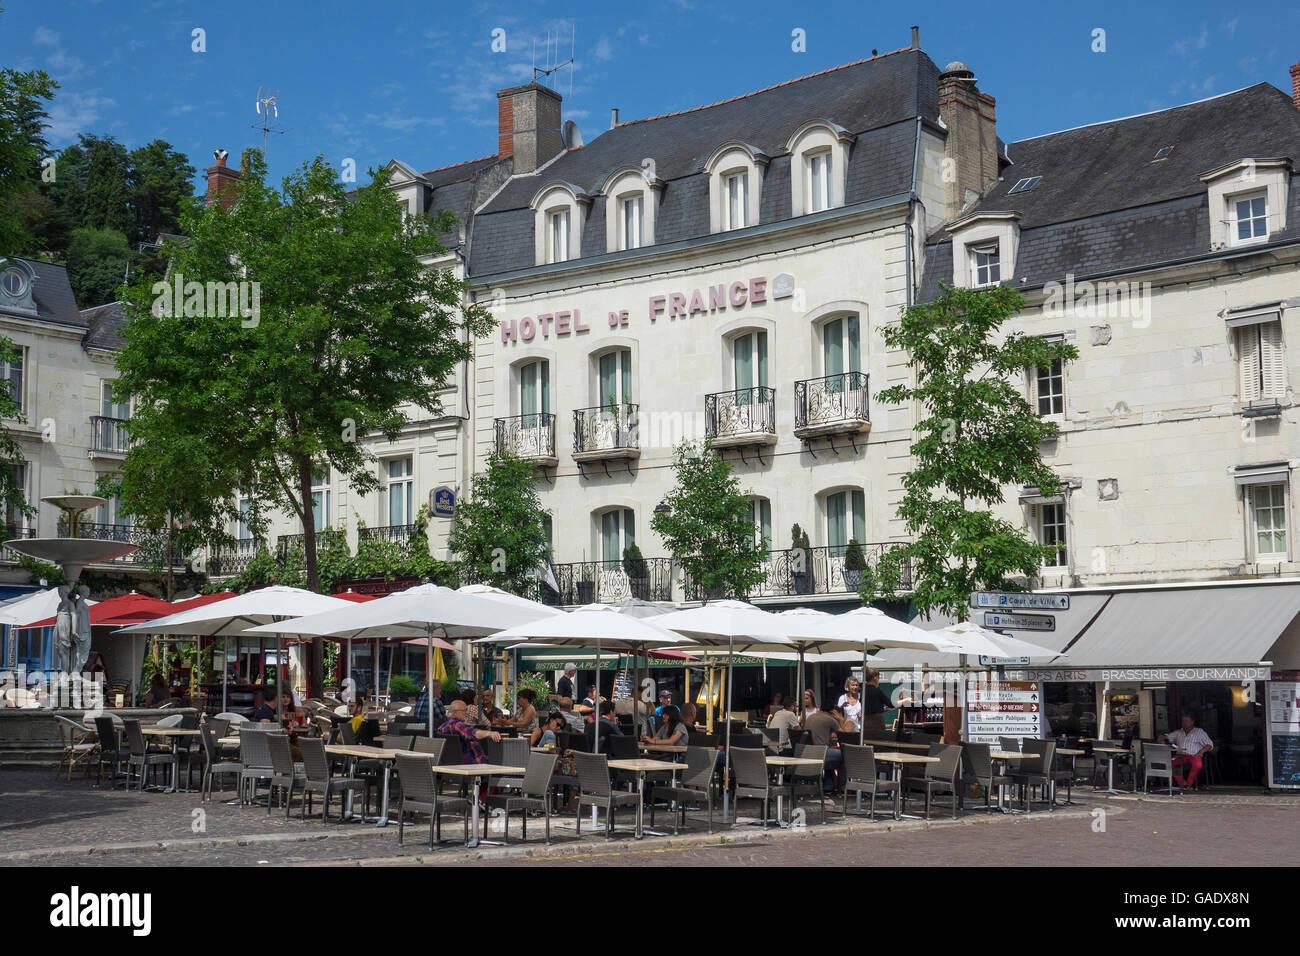 France, Indre-et-Loire, Chinon, old town,Hotel de France ...